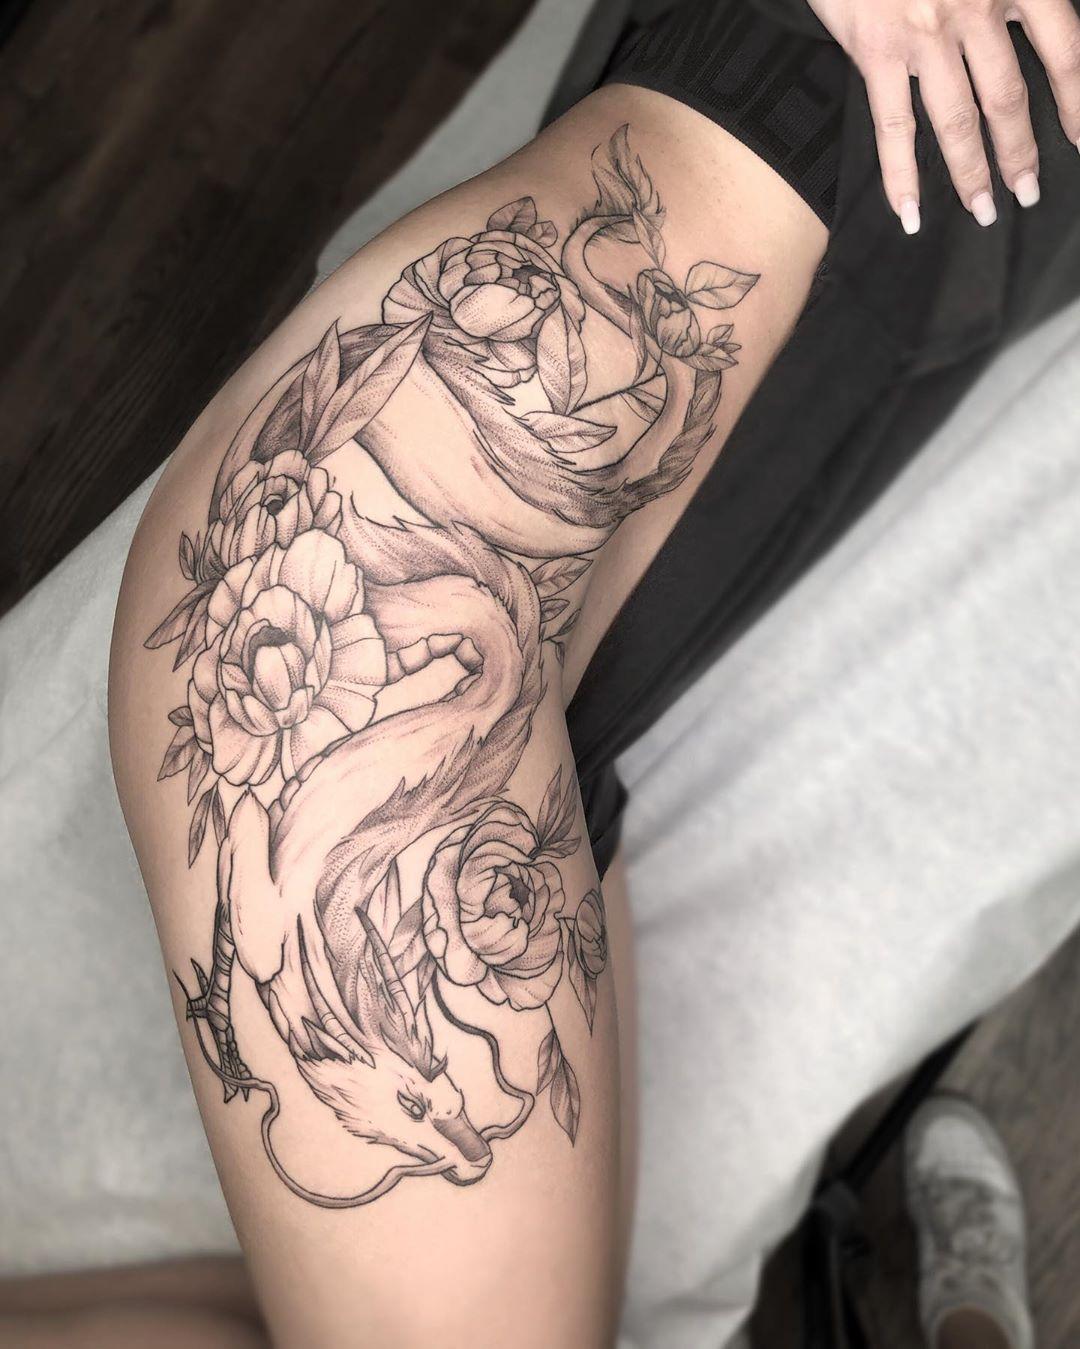 татуювання дракона на всьому бедрі